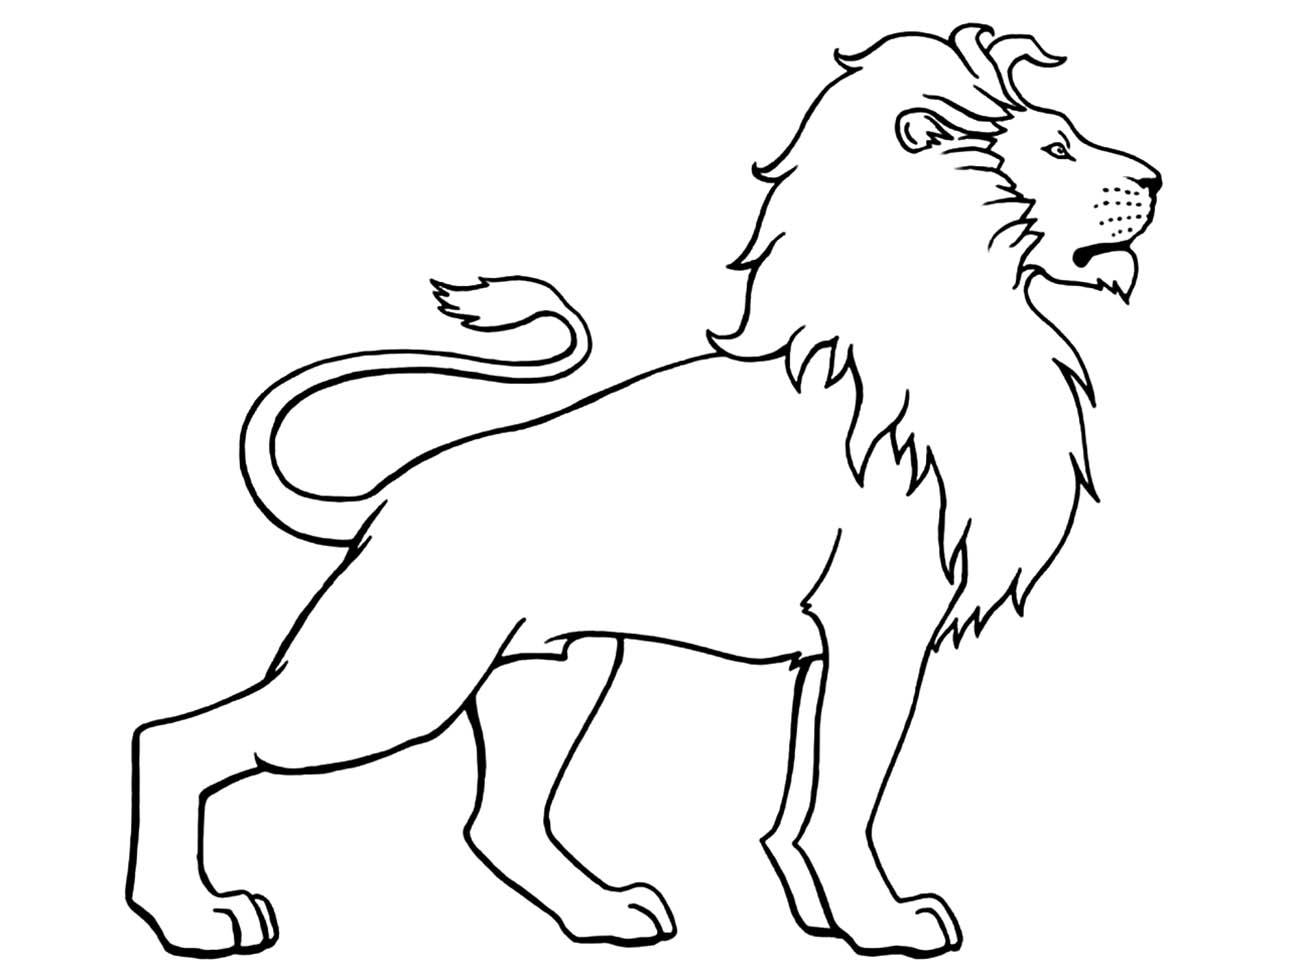 tranh tô màu con sư tử